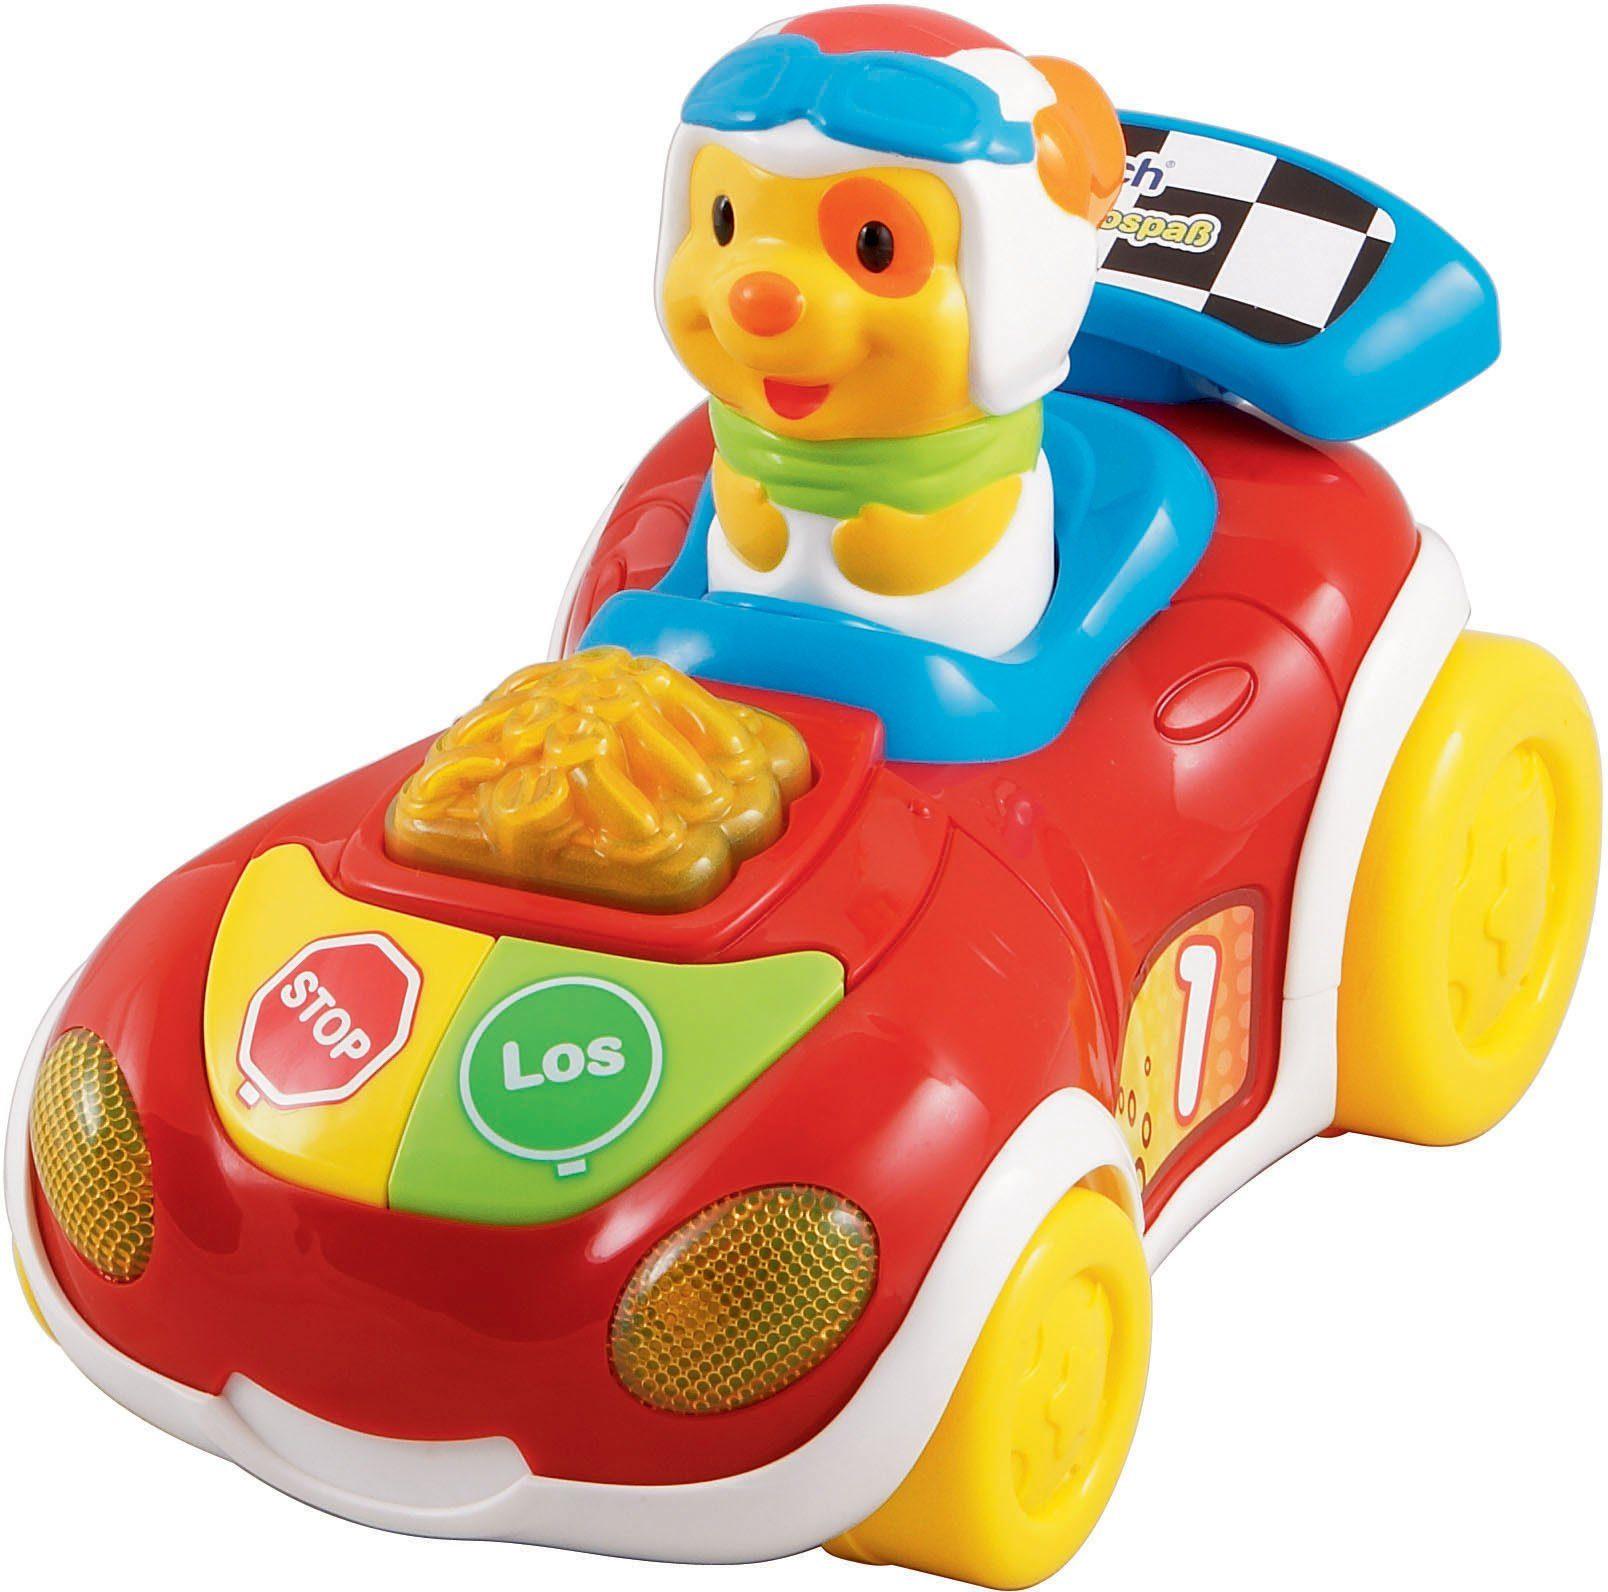 VTech Auto mit Musik und Licht, »VTech Baby 1, 2, 3 Autospaß«